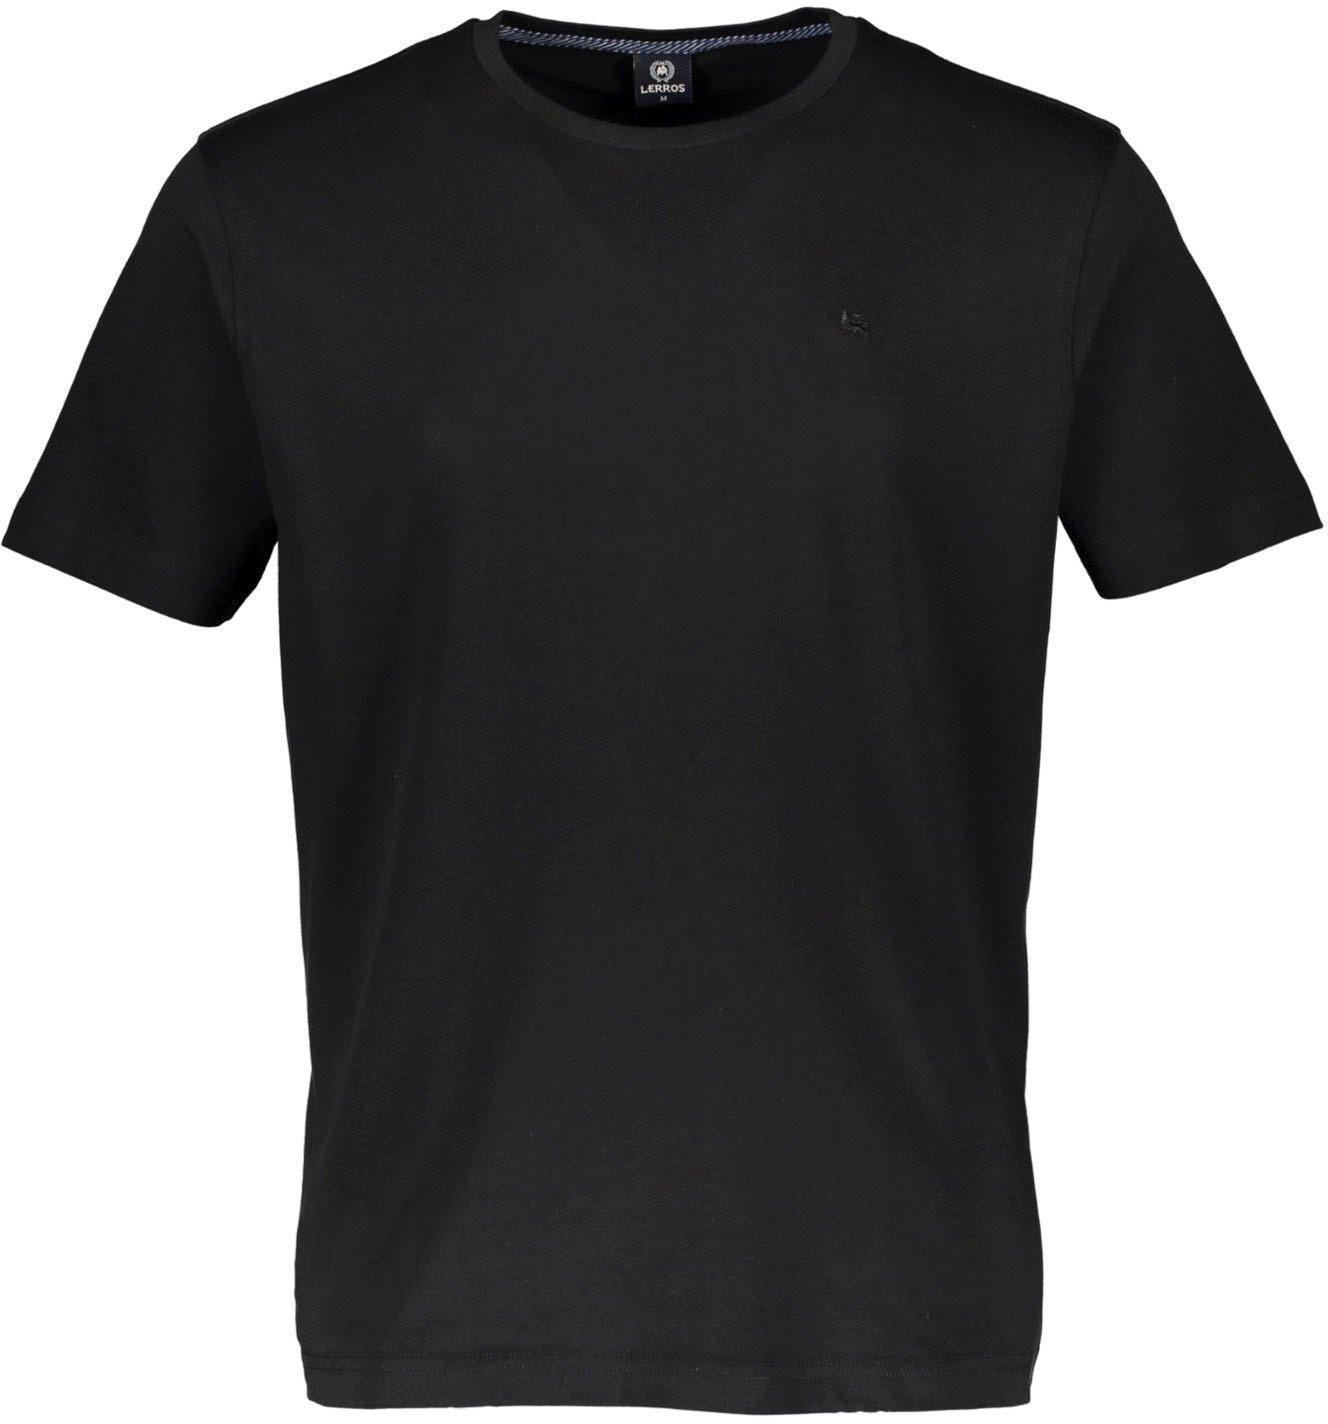 Lerros T-shirt in basic look goedkoop op otto.nl kopen